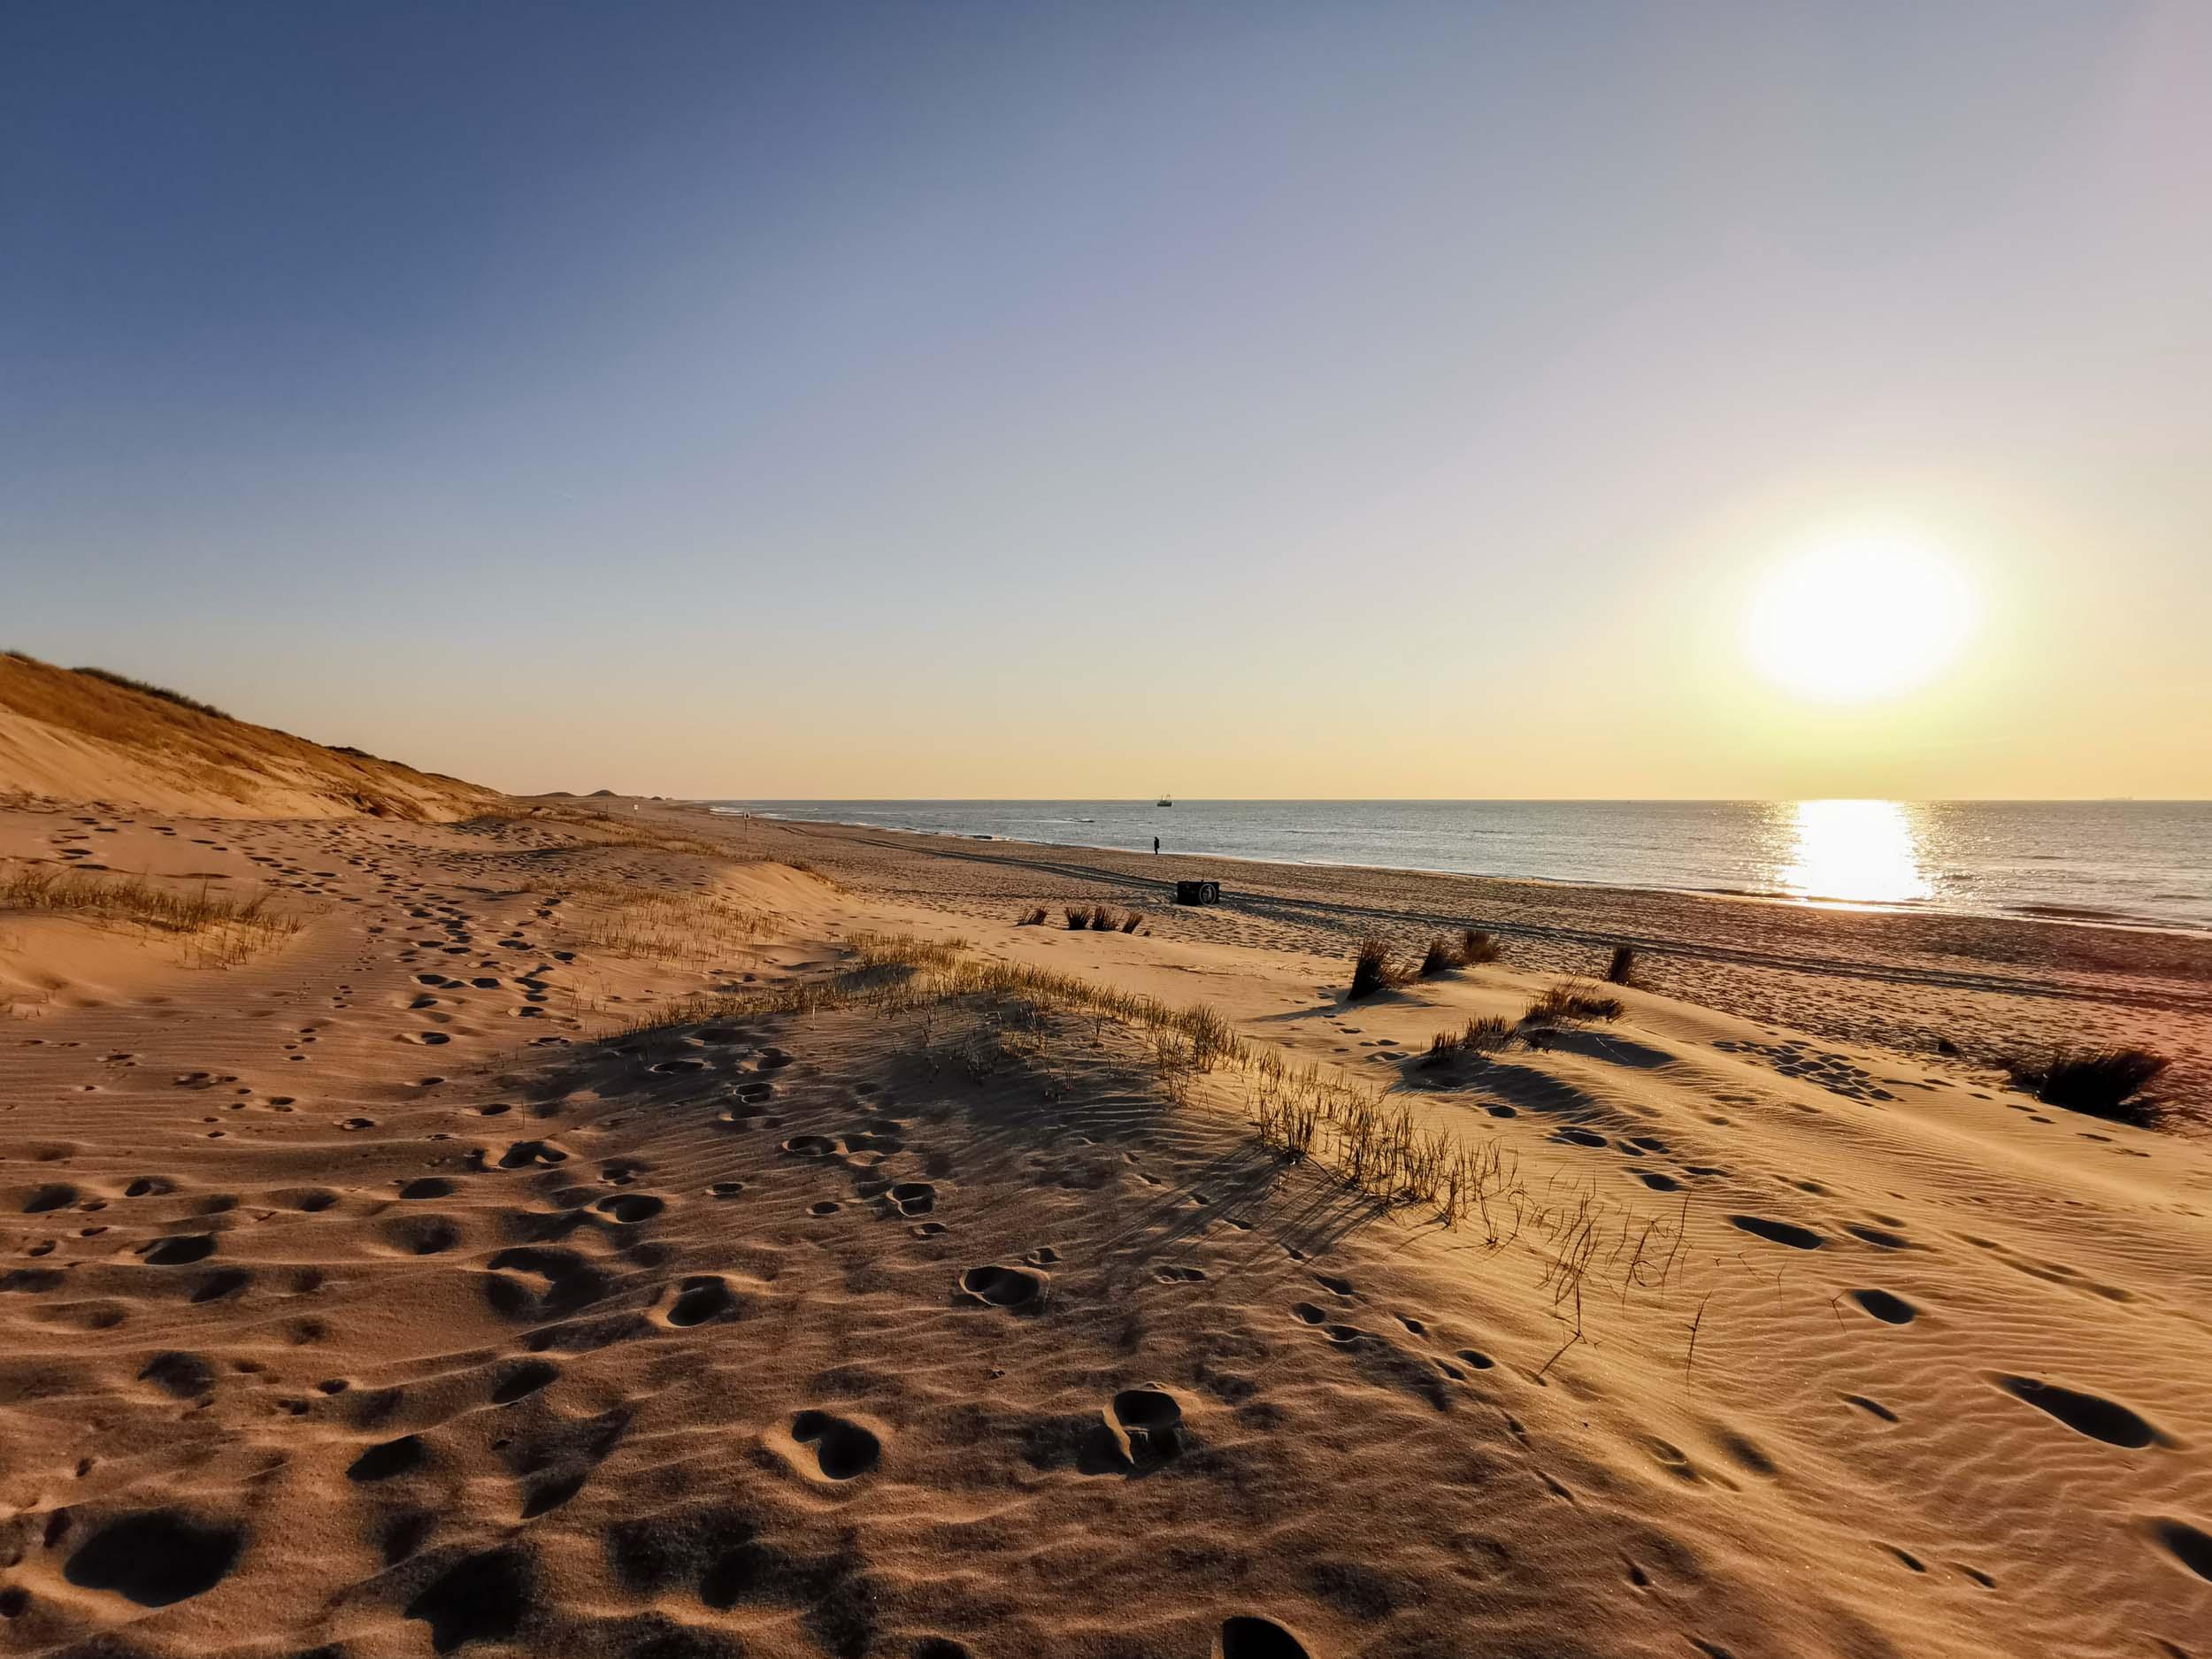 Abends werden die Schatten länger und die färben wärmer am Strand